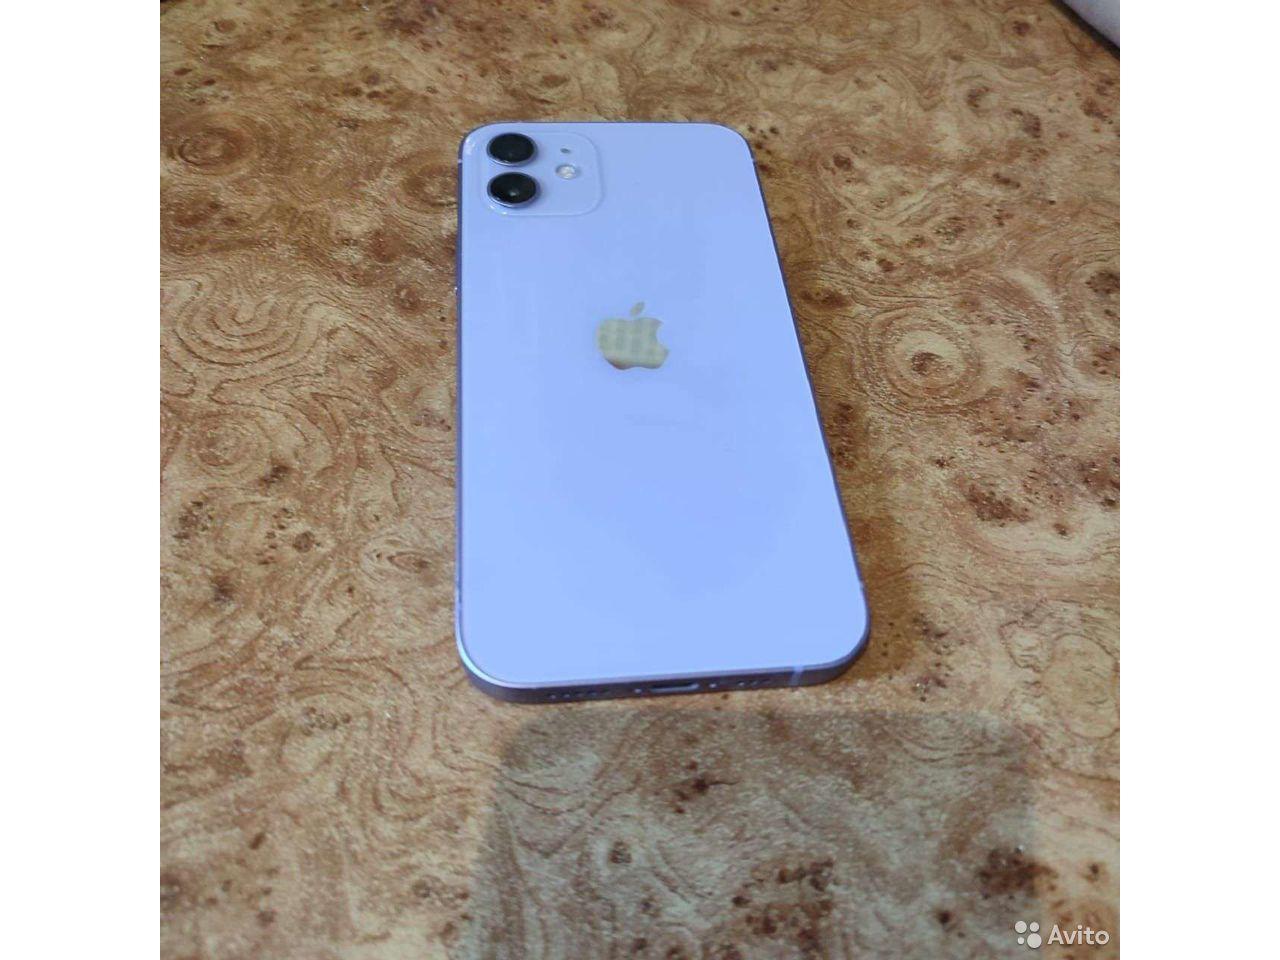 iPhone 12 128gb - 1